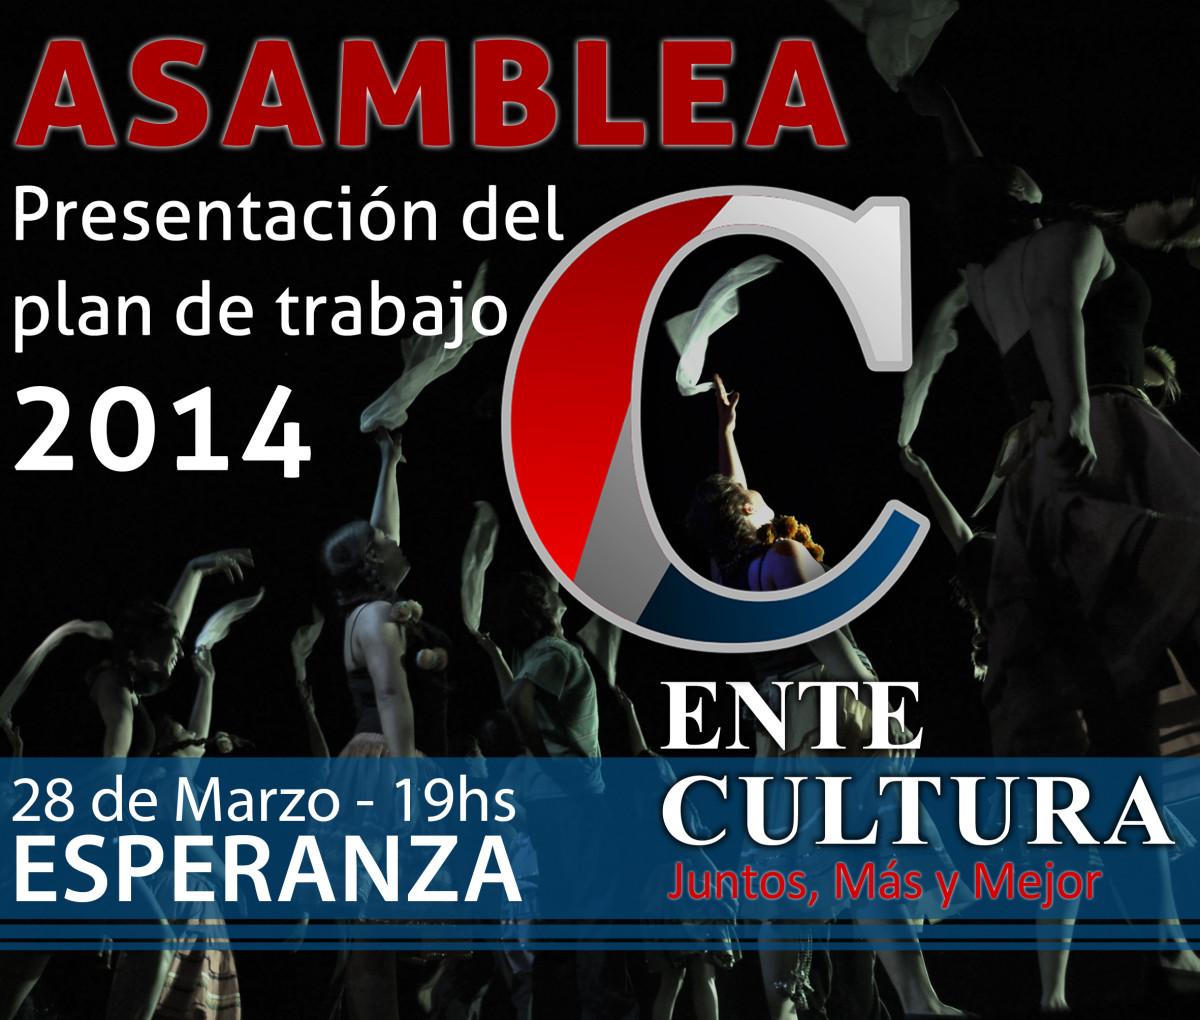 El Ente Cultural Santafesino presenta su Plan de Trabajo 2014